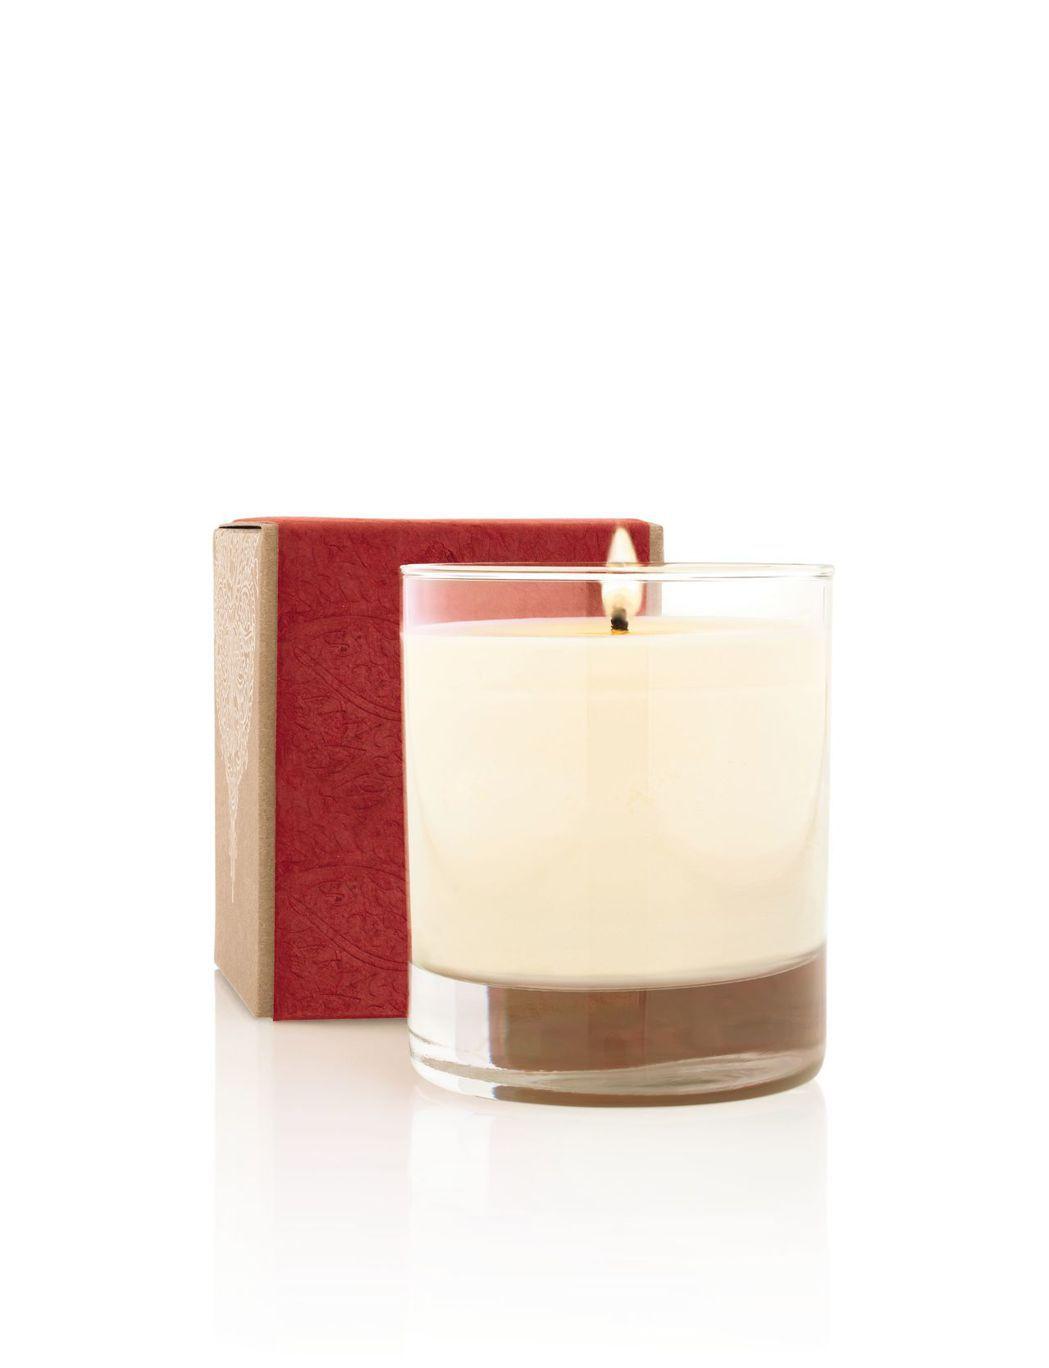 AVEDA佳節限定純香蠟燭「Candrima 暖」,售價1,680元。圖/AVE...